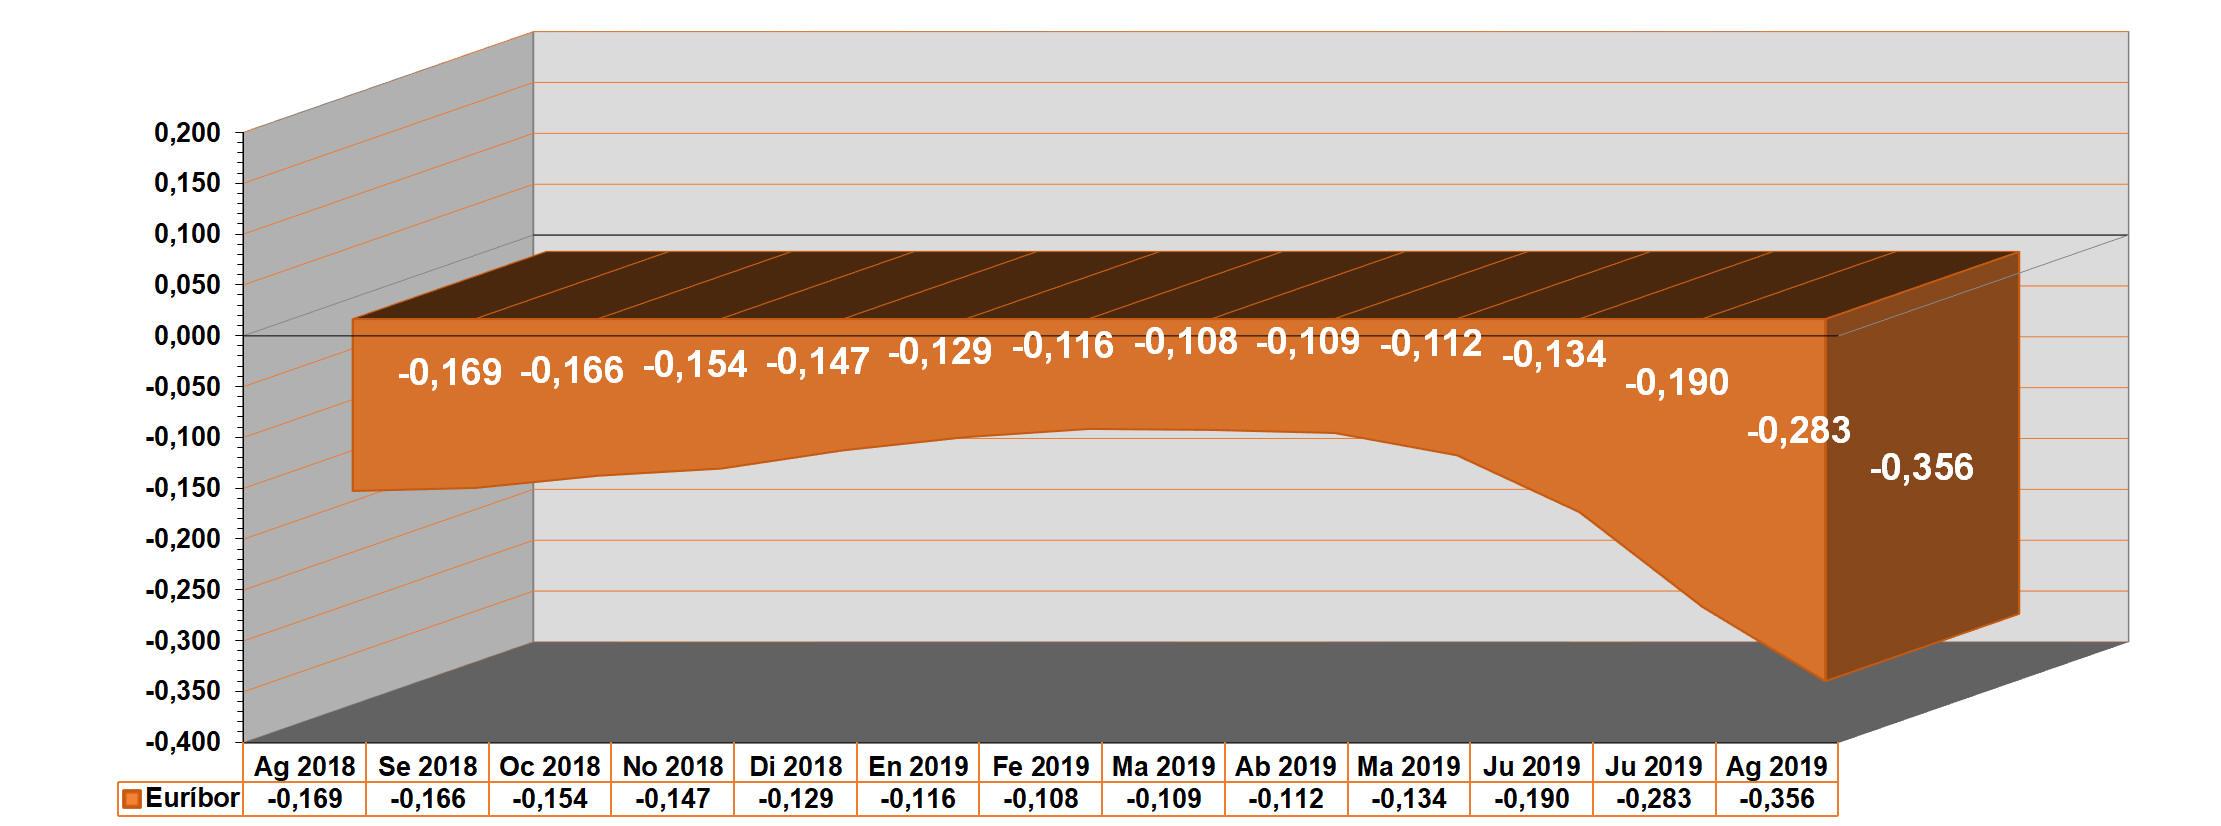 L'euríbor tanca l'agost de 2019 amb un mínim històric: -0,356 %